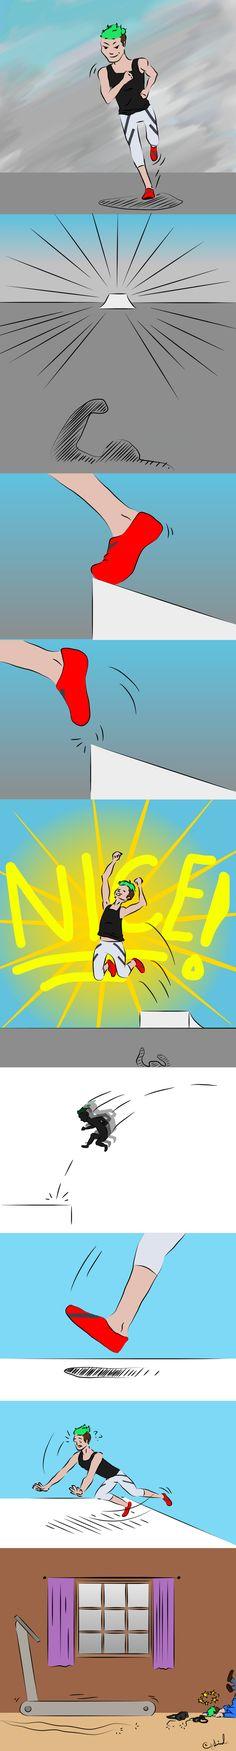 Jacksepticeye comic 1 by planetLinda on DeviantArt